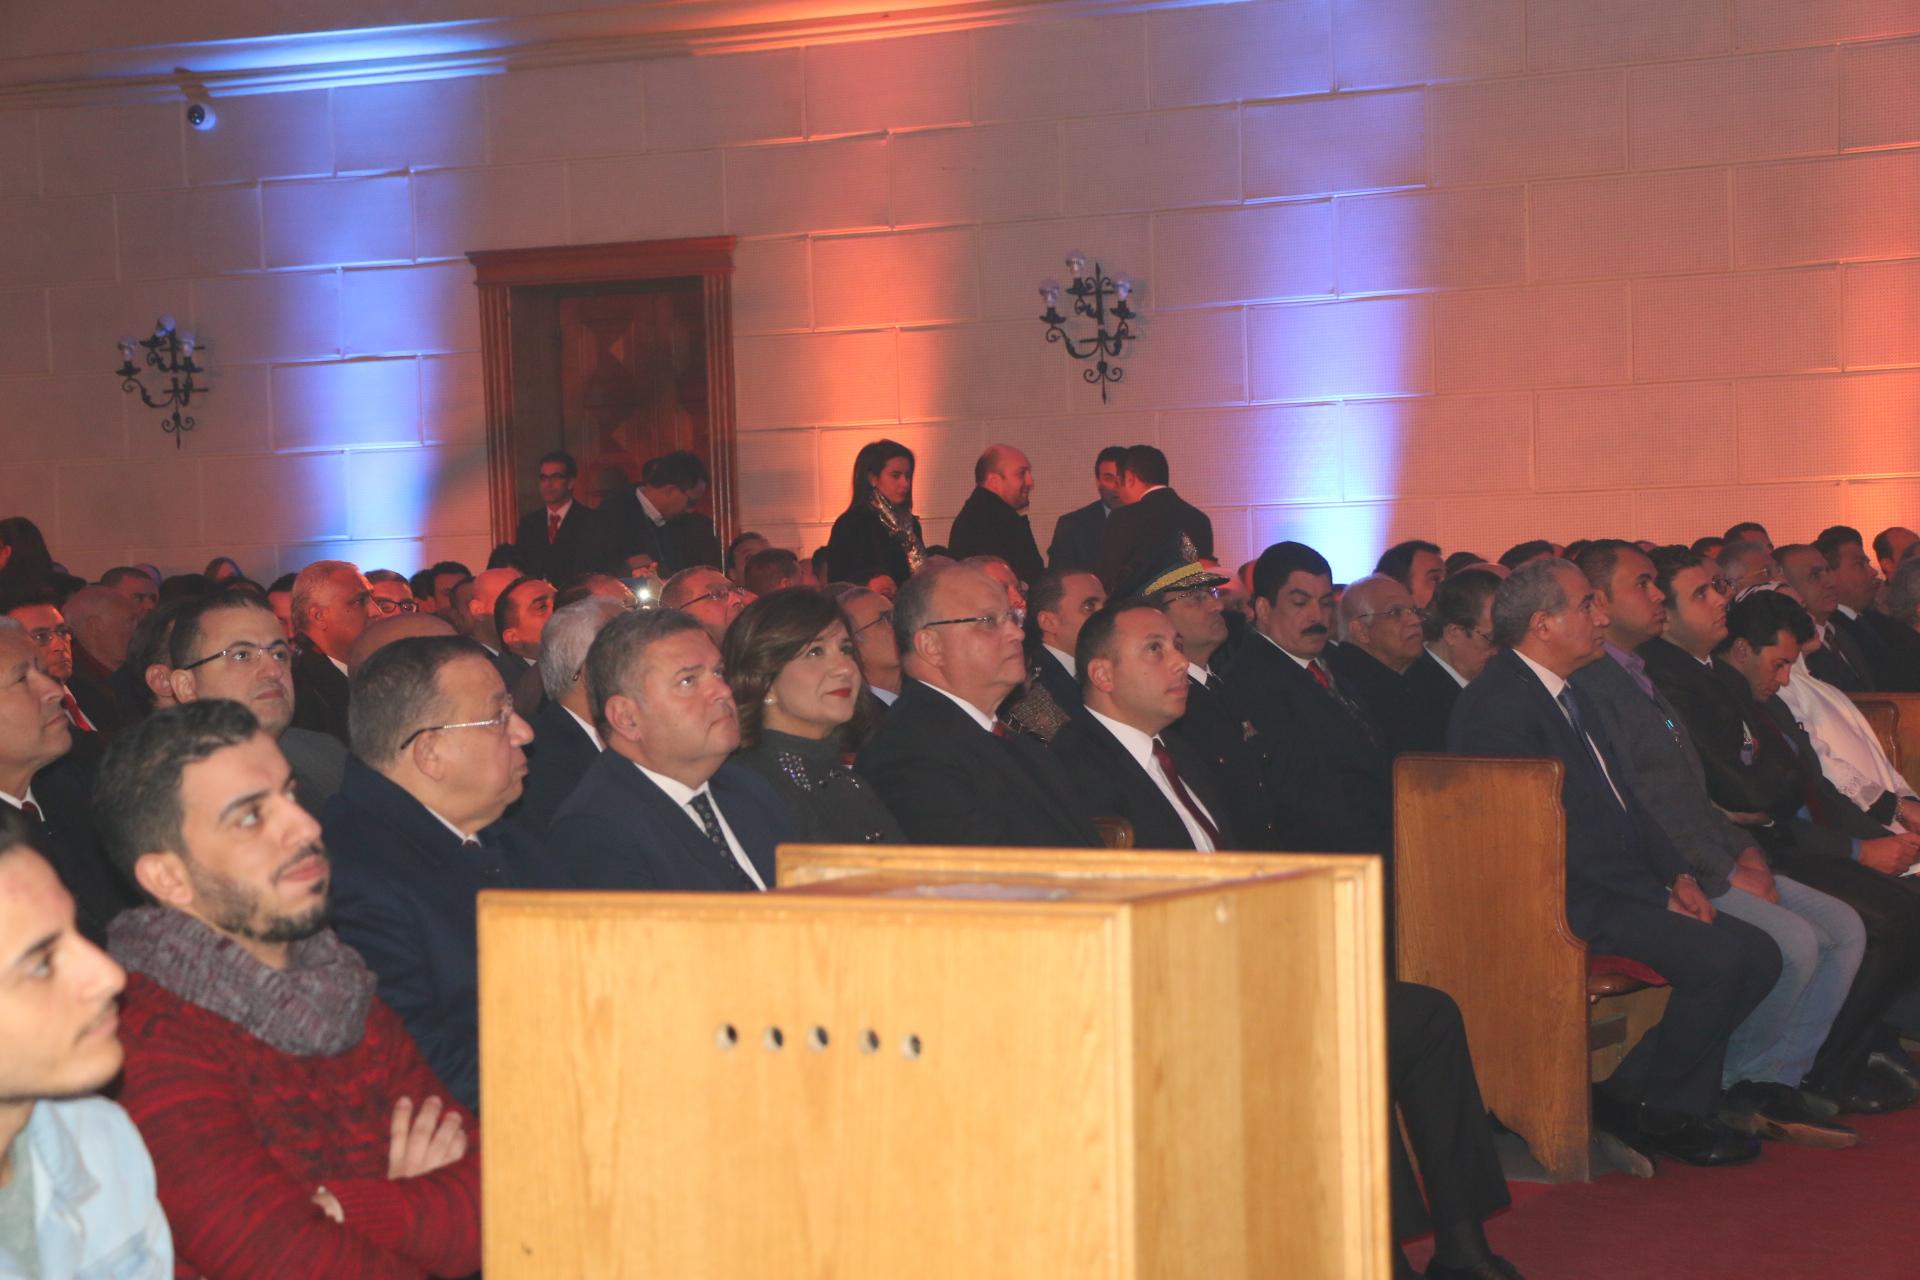 محافظ القاهرة يشارك الأرمن الأرثوذكس والطائفة الإنجيلية احتفالات عيد الميلاد المجيد  (4)